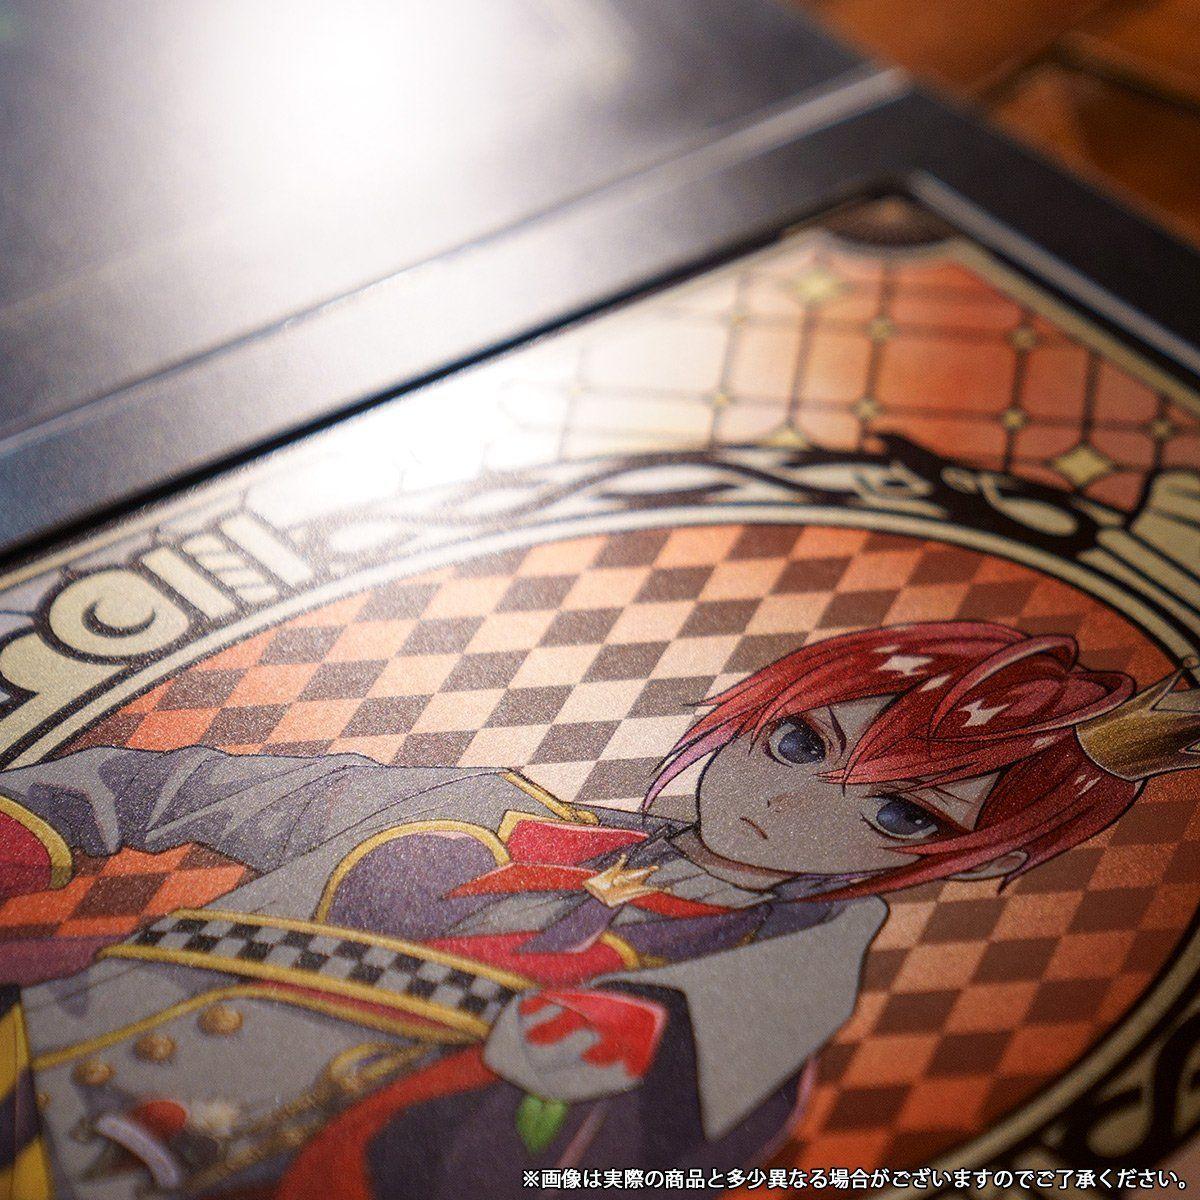 【限定販売】【食玩】ツイステ『メタリックアートコレクション ディズニー ツイステッドワンダーランド』グッズ 全22種-003